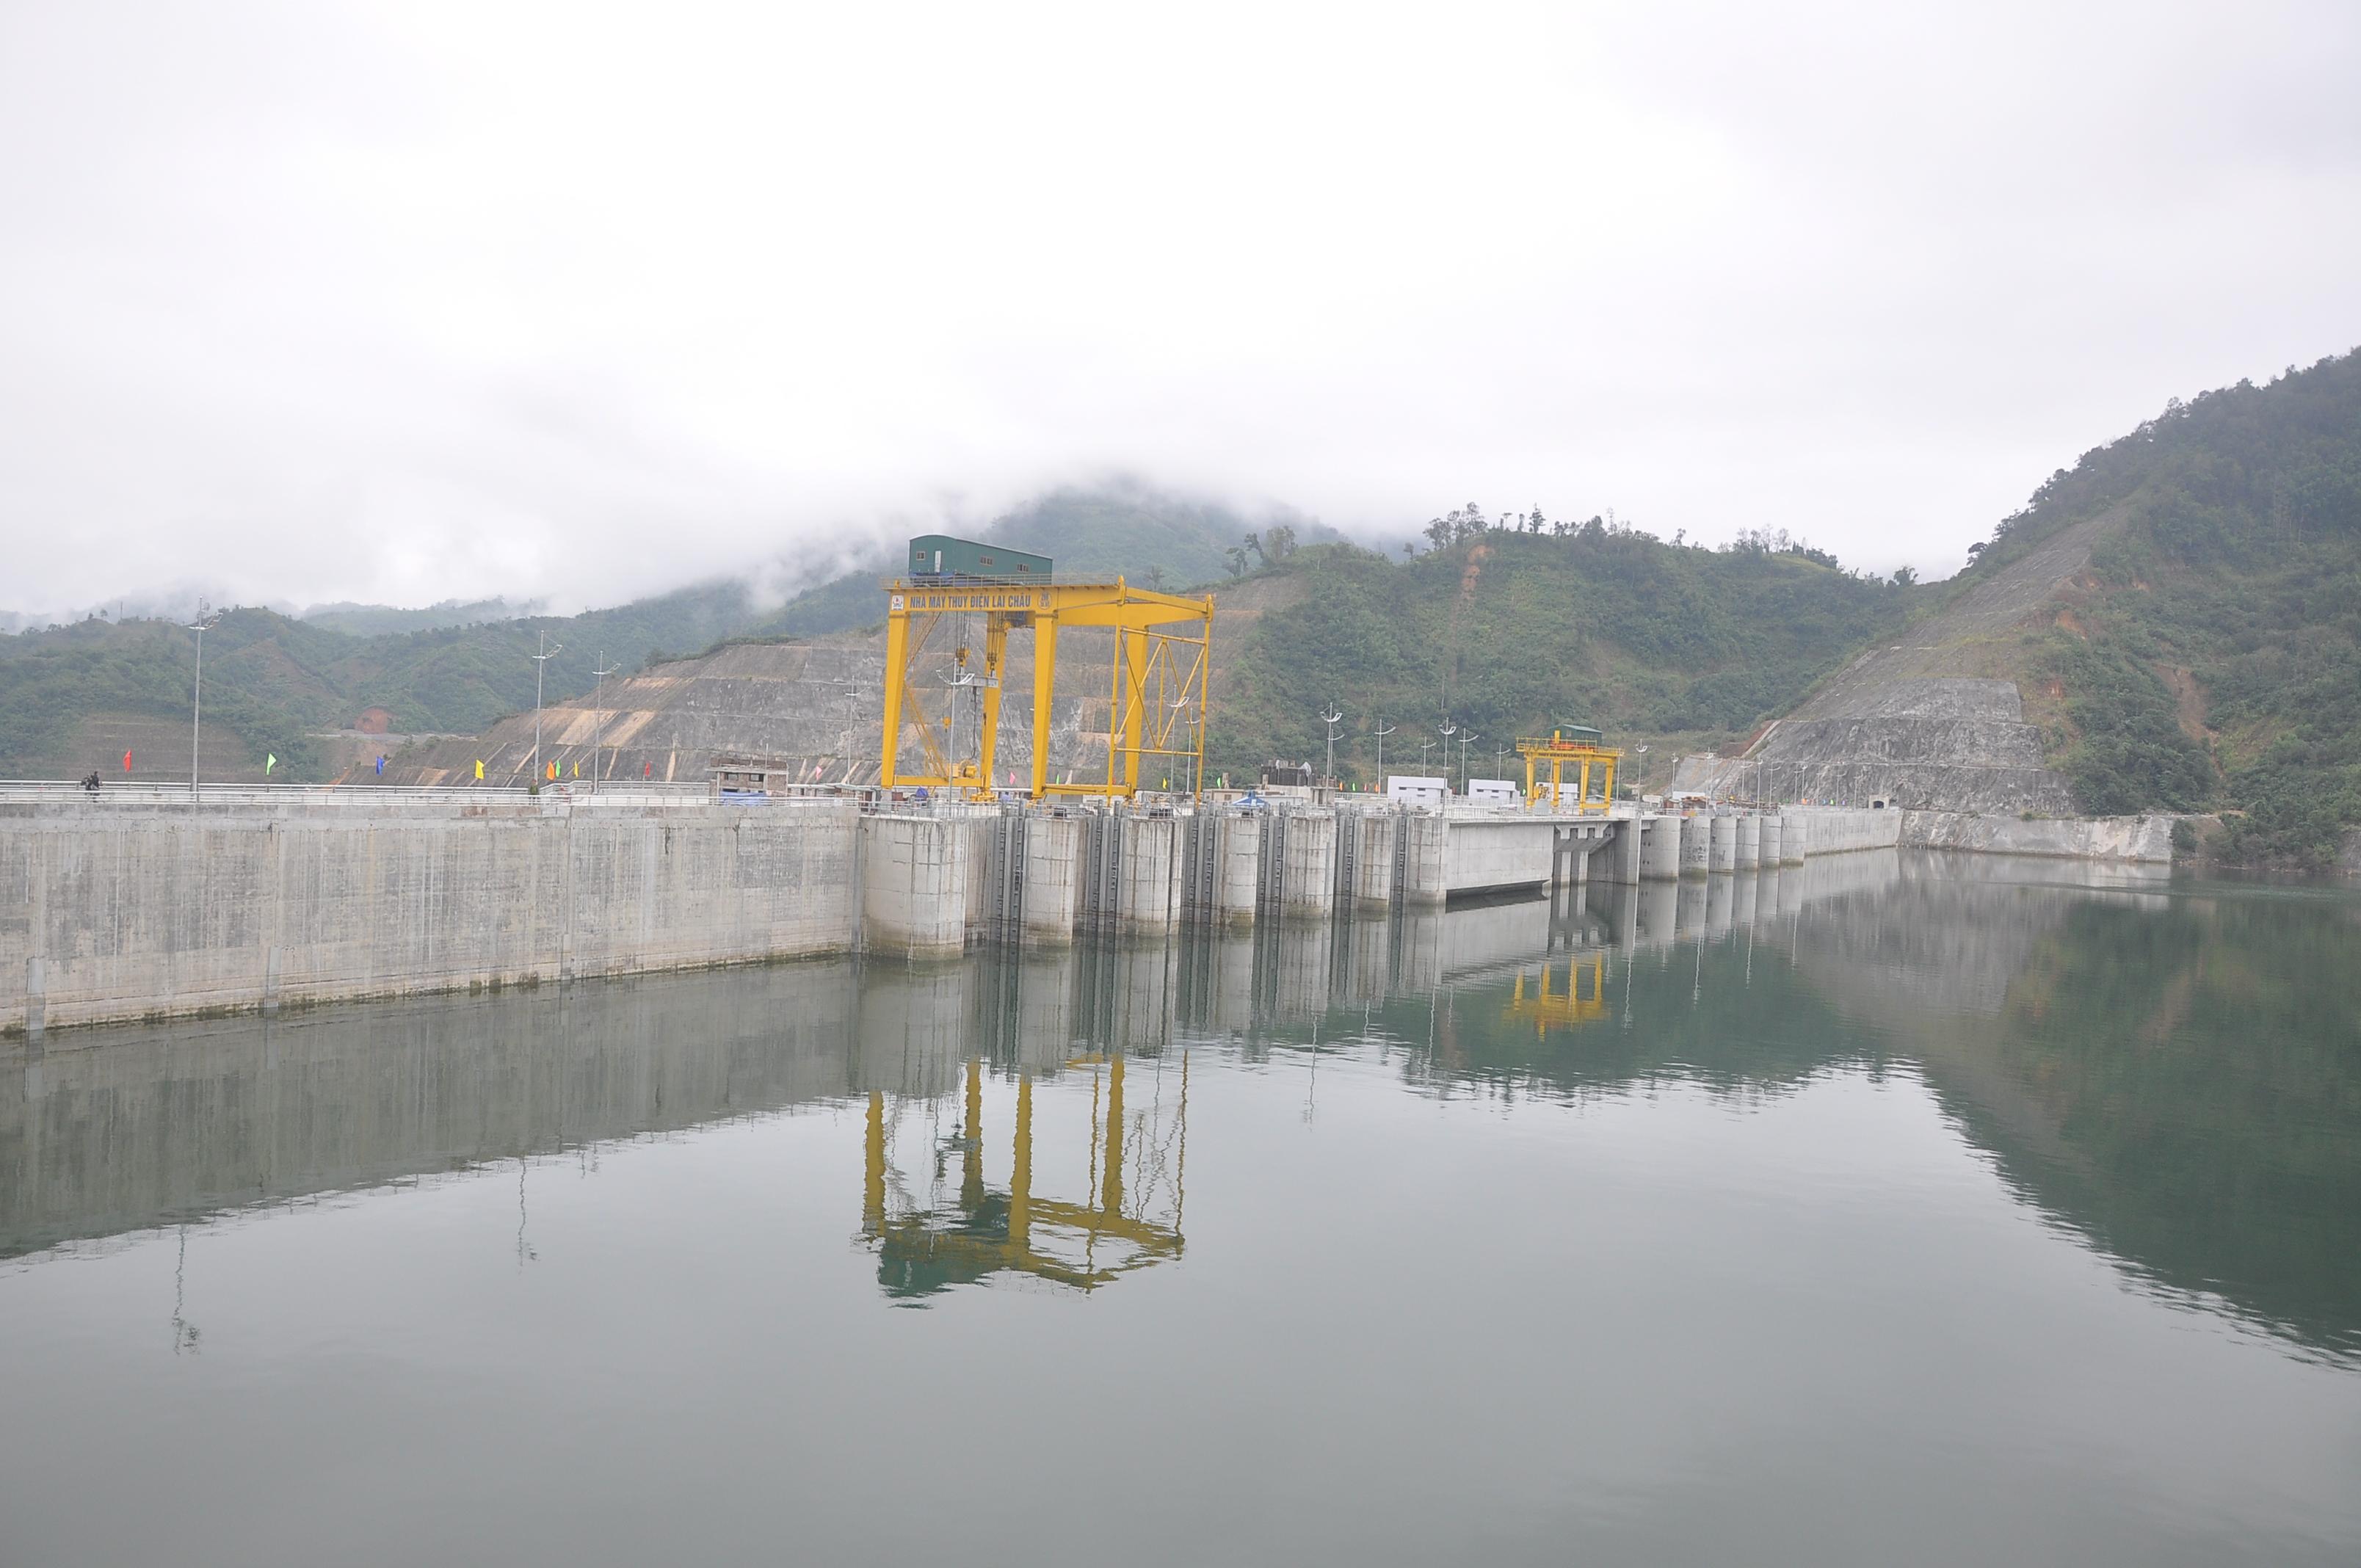 Hồ đập thủy điện Lai Châu, một trong những hồ chứa lớn nhất trên sông Đà, góp phần tích nước chống lũ và trữ nước cho mùa khô